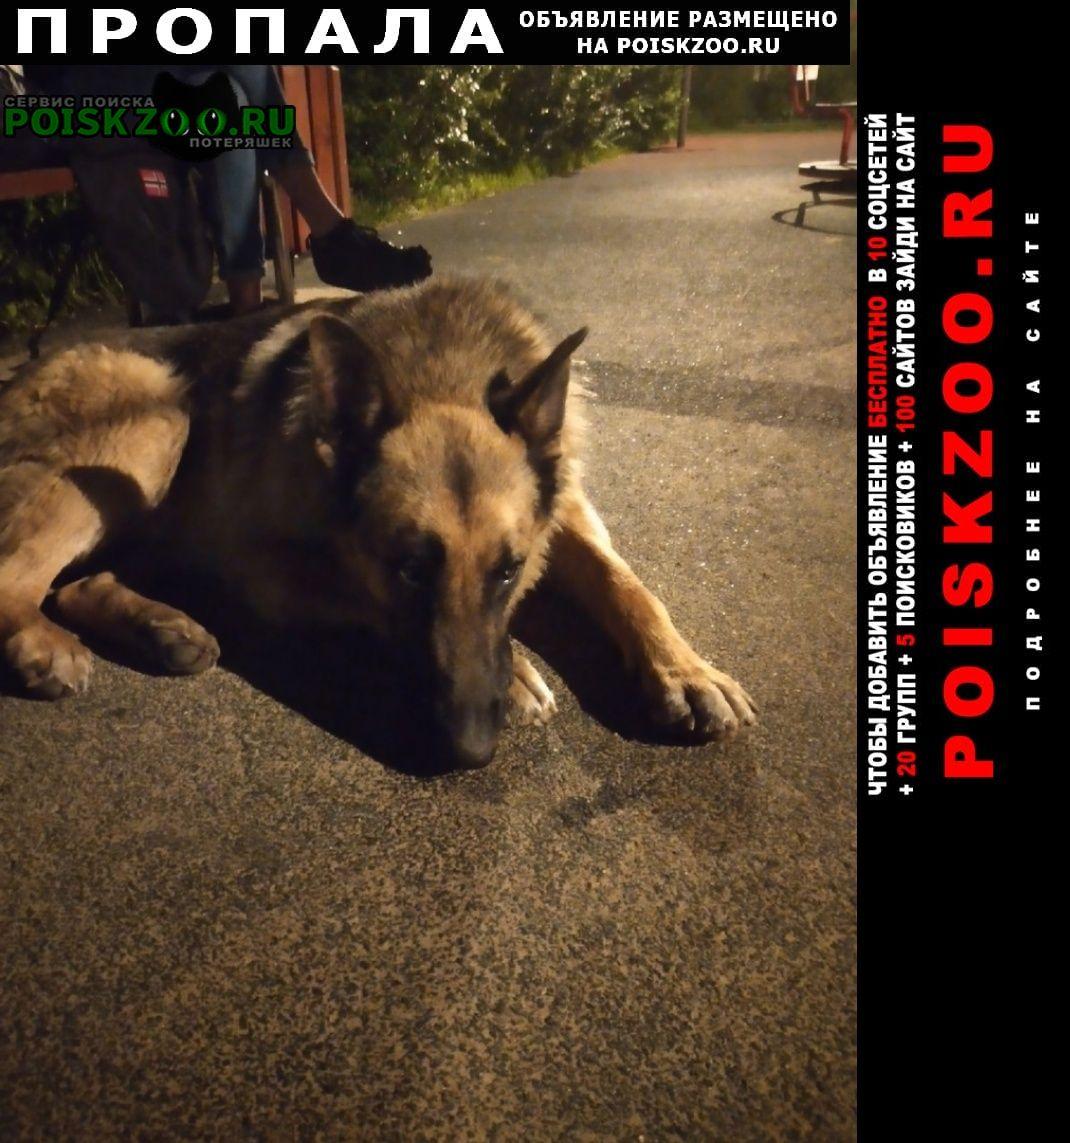 Пропала собака кобель метис овчарки из новокосино Москва